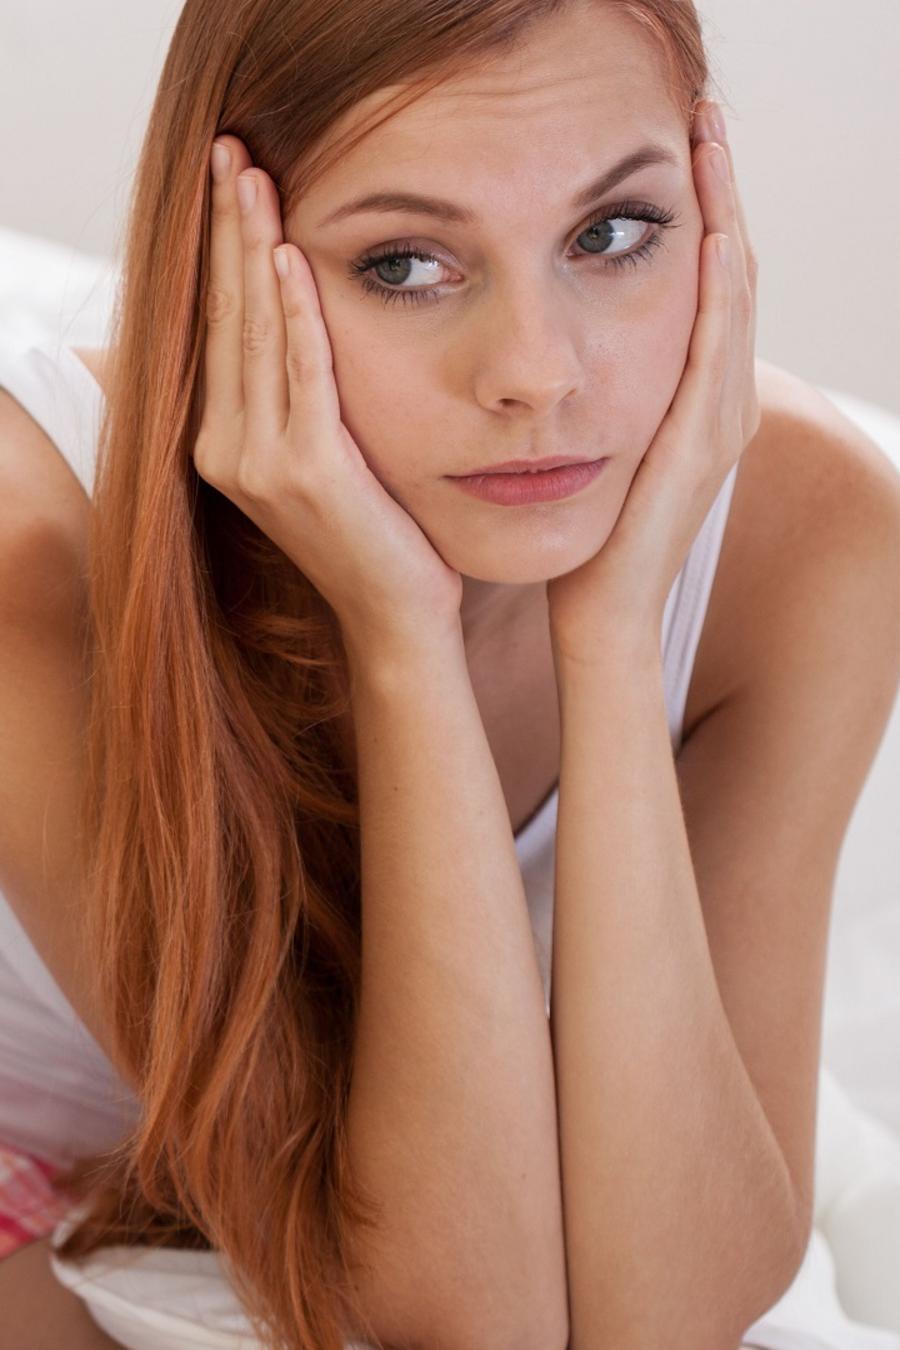 Mujer aburrida sentada sobre la cama mientras hombre duerme